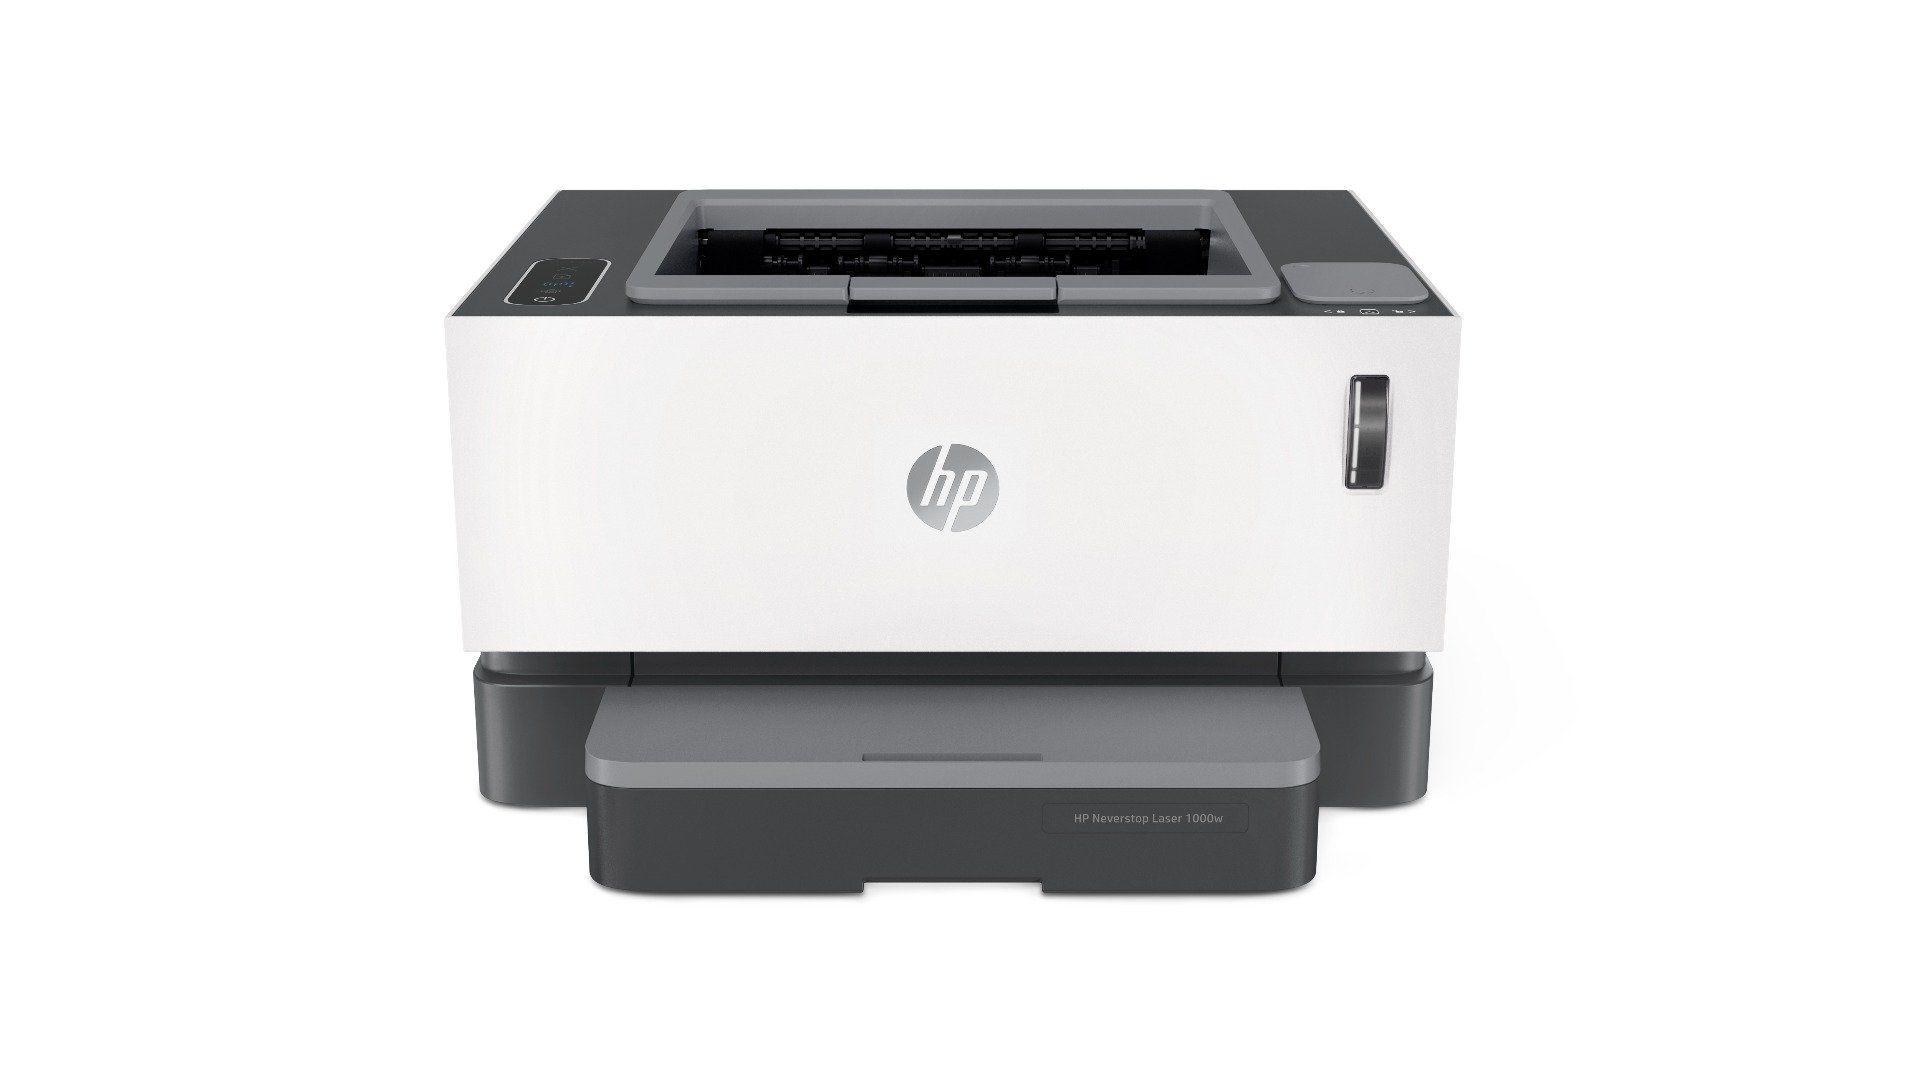 Máy in đen trắng HP Neverstop Laser 1000w (in Wi-fi)